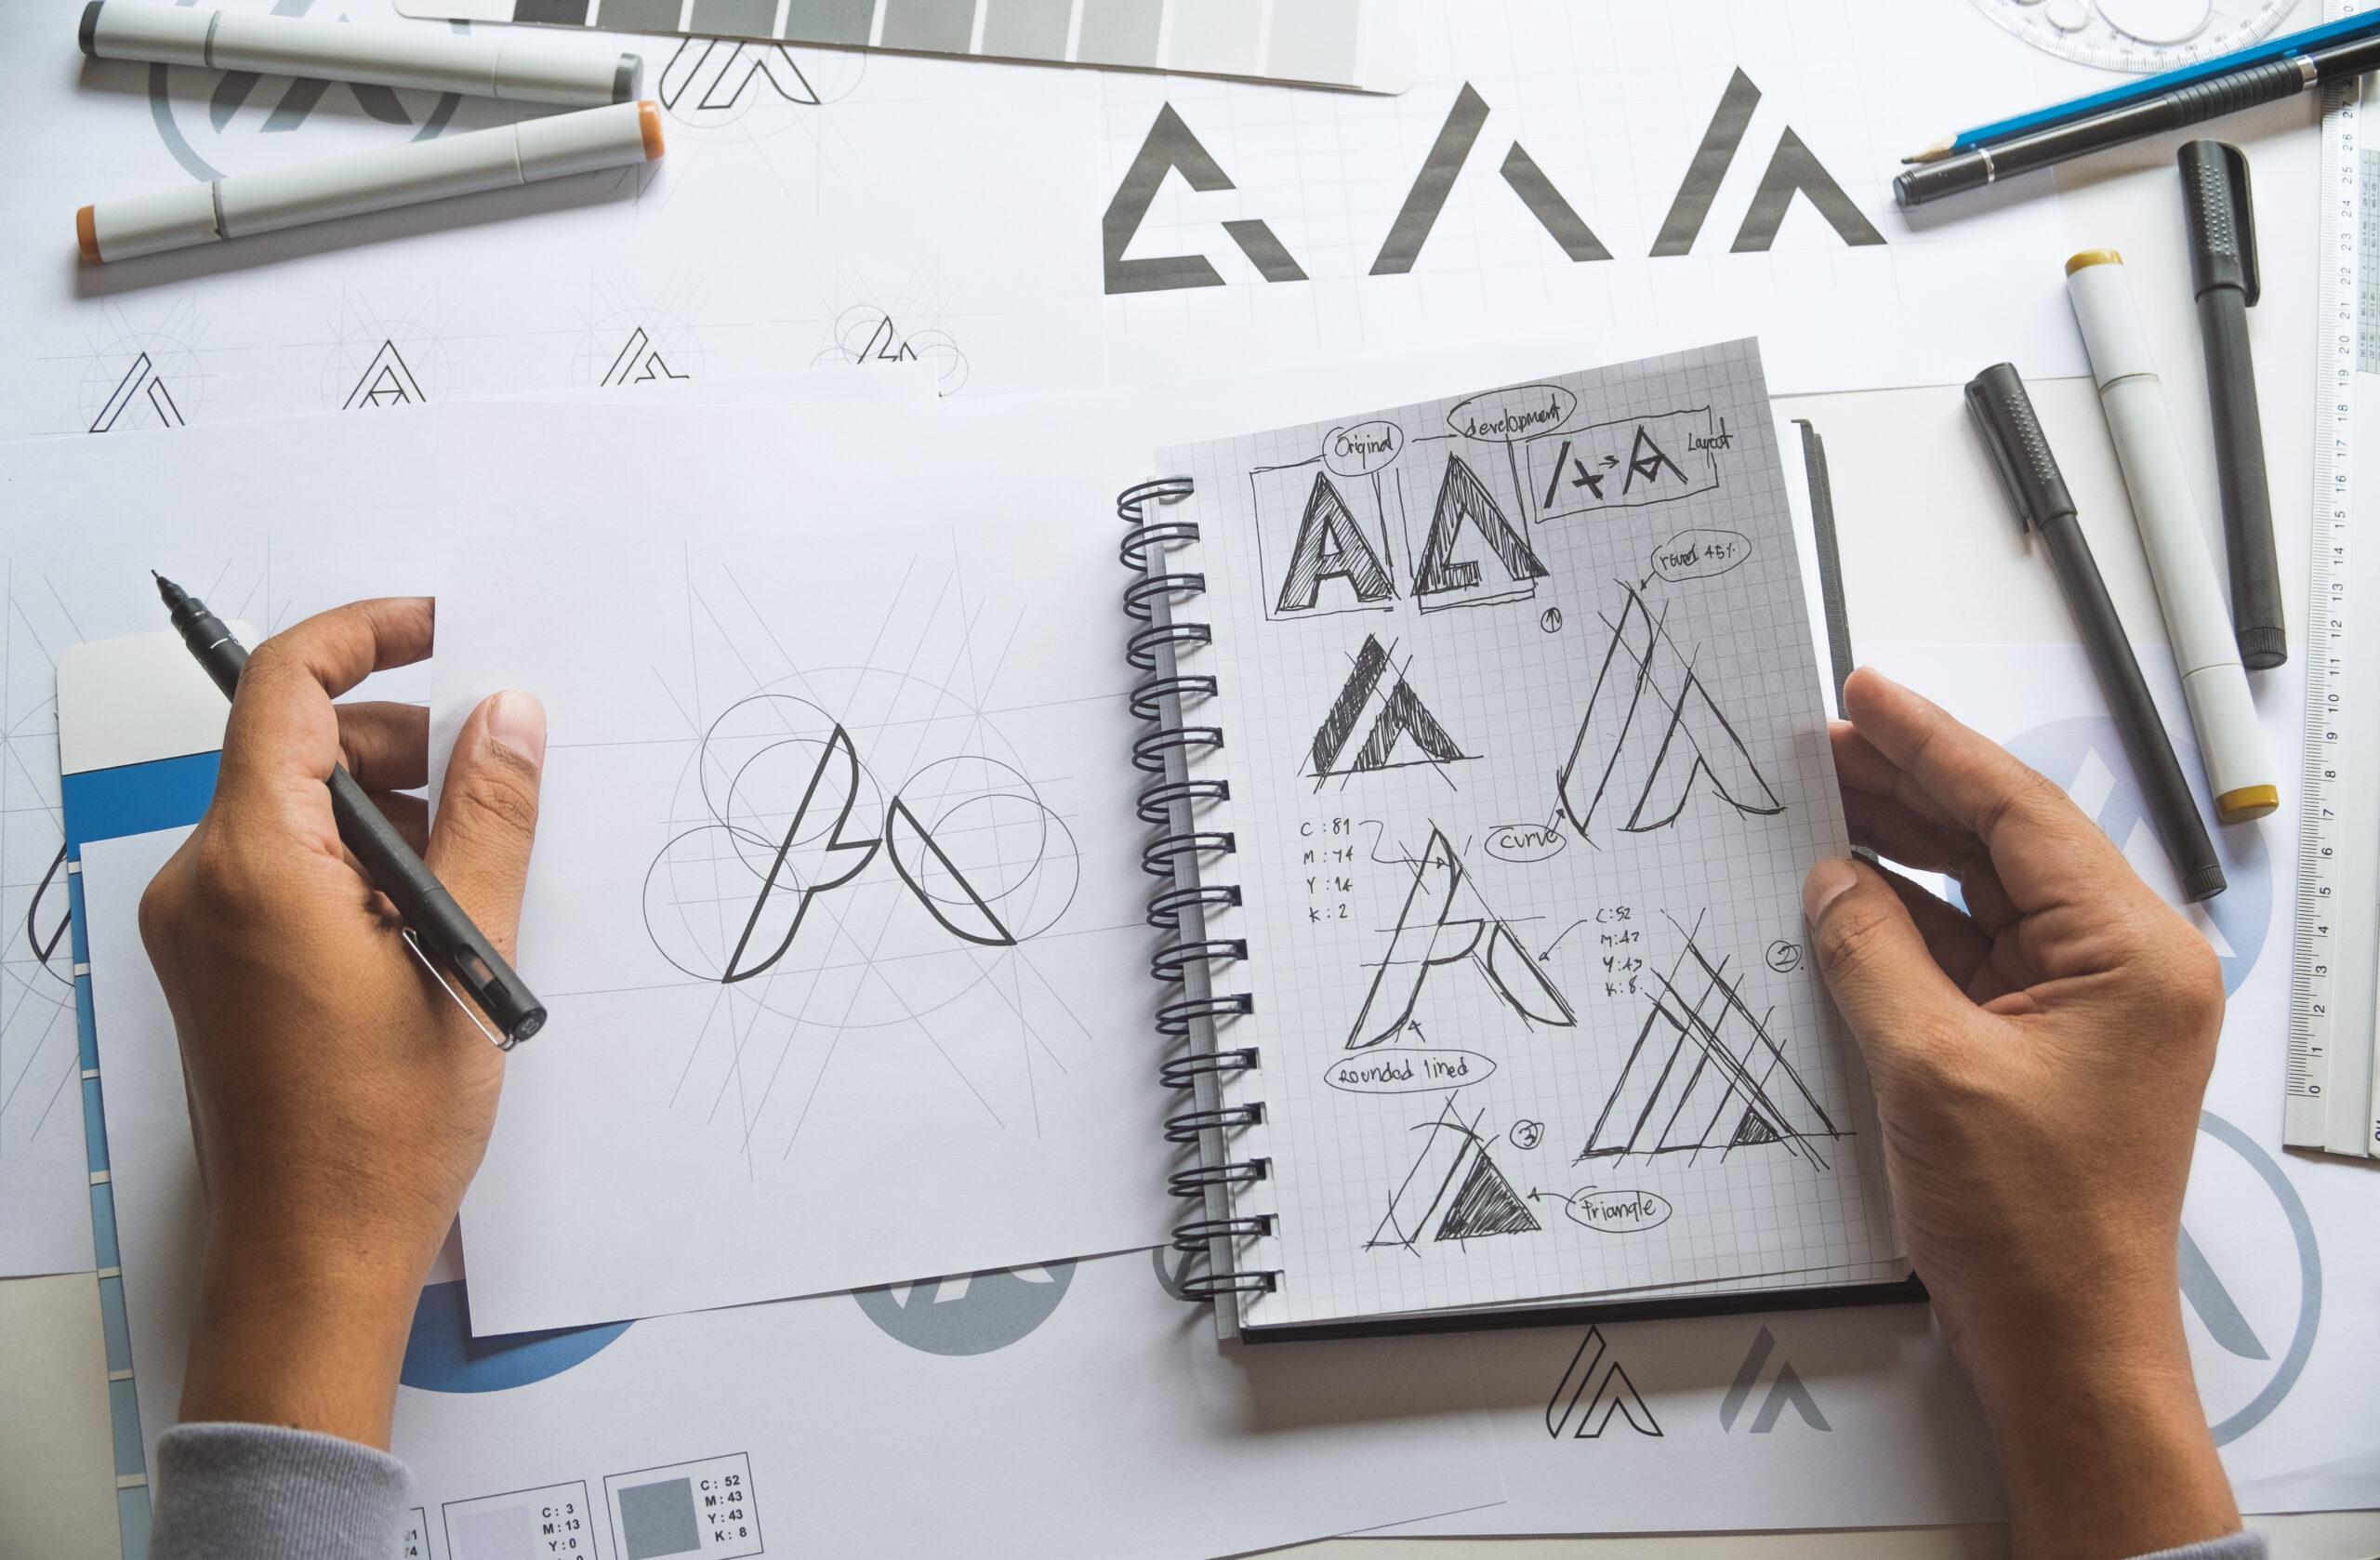 progettazione grafica di un logo